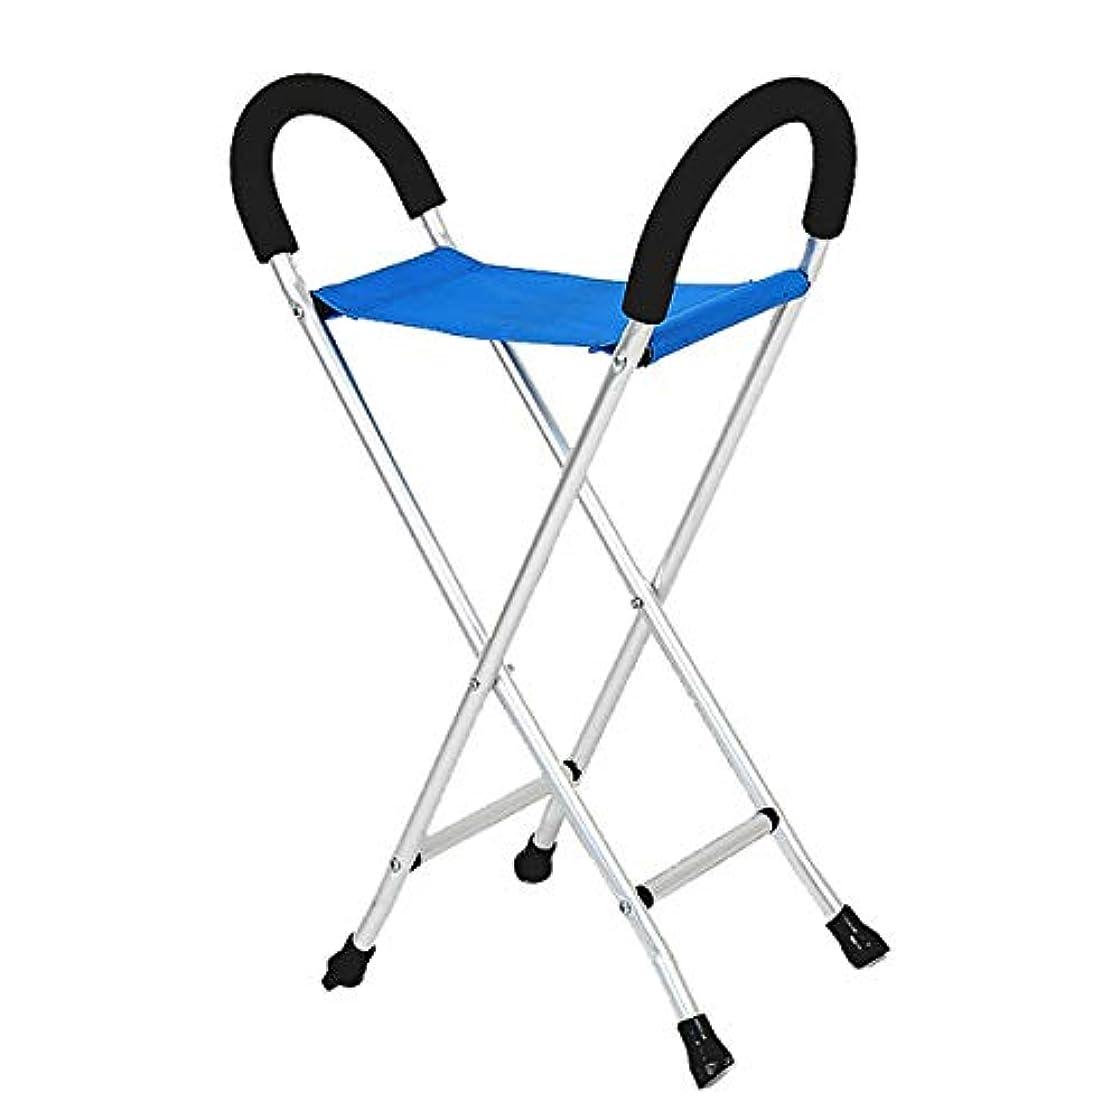 接触舌な裏切りステッキチェア、座席付き杖、折りたたみ式三脚キャンプスラッカーピラミッド軽量アルミ合金製チェアフィッシングガーデンキャンプイベントスツール